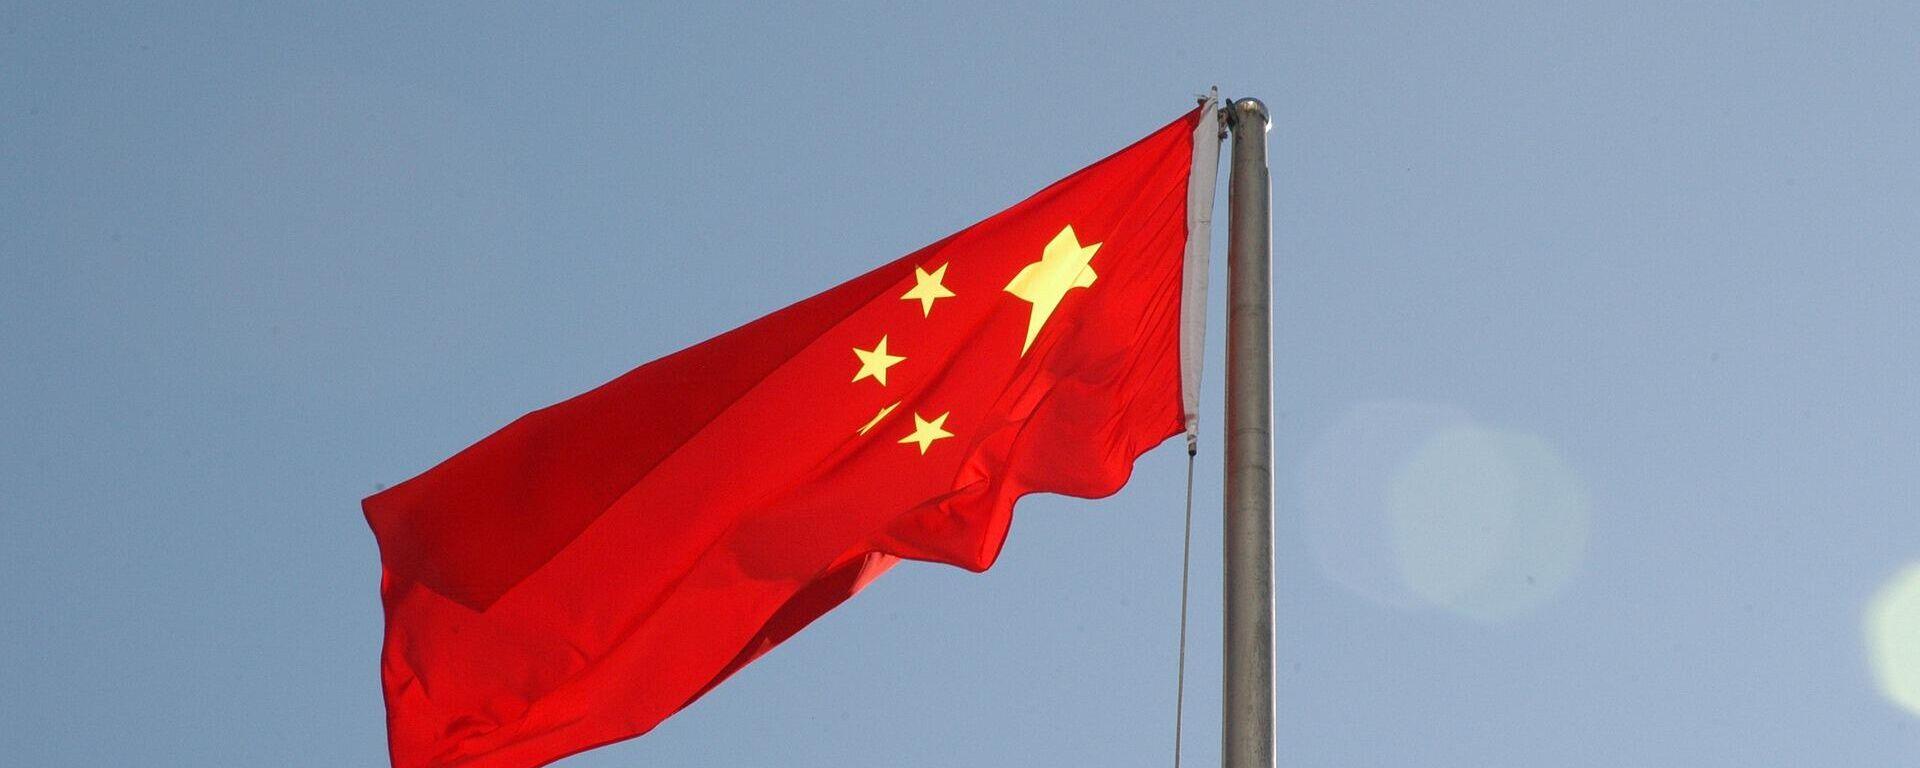 Chinesische Flagge (Symbolbild) - SNA, 1920, 24.02.2021